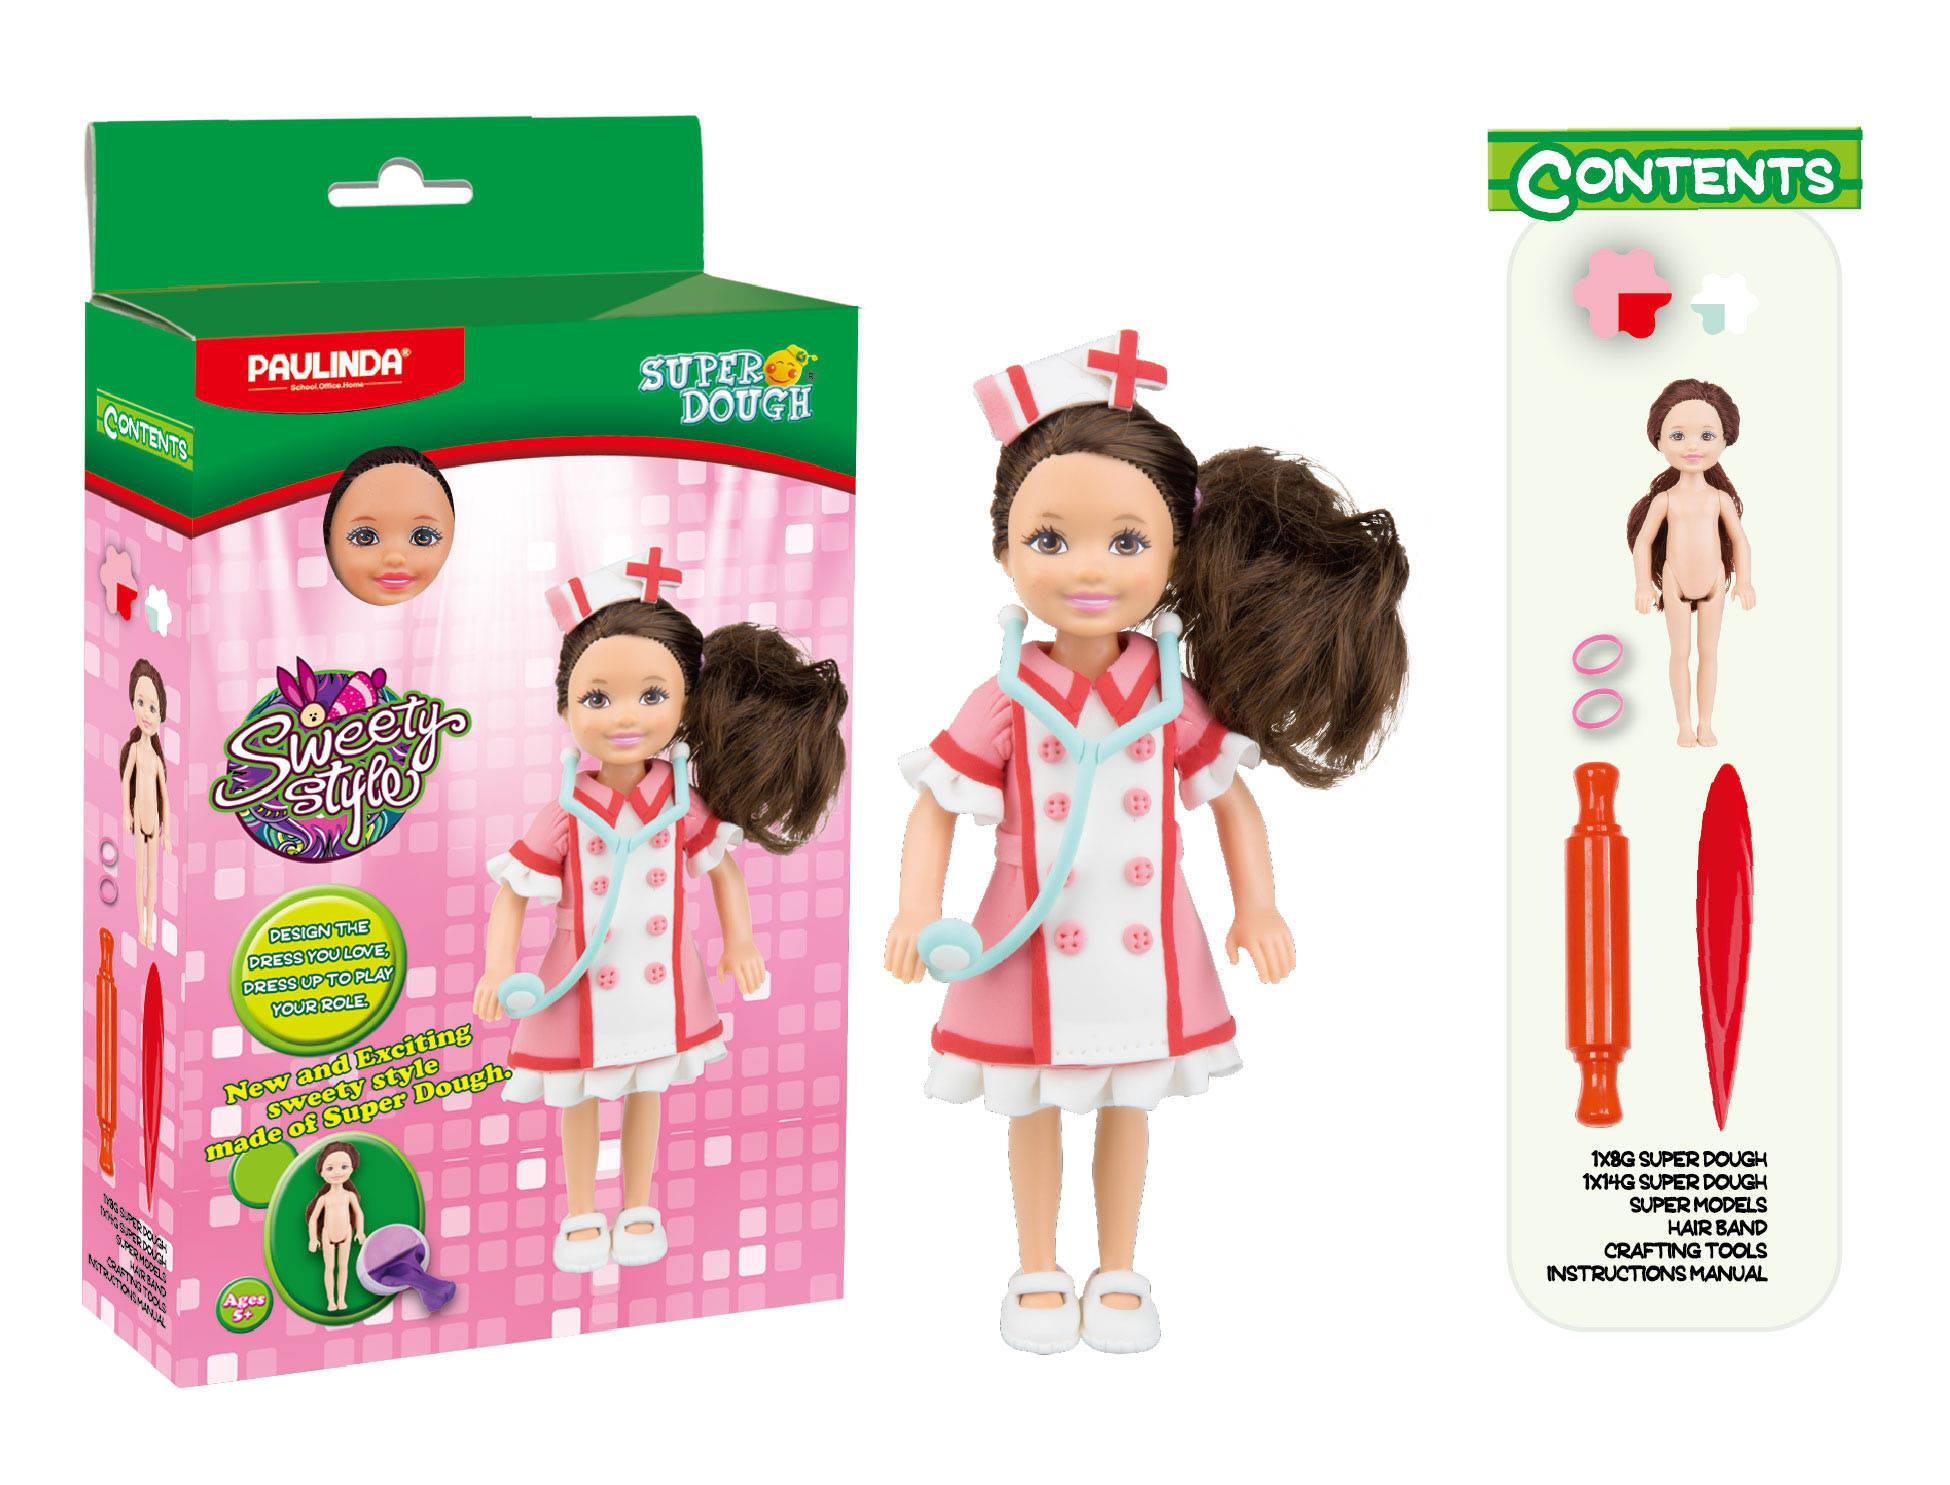 Масса для лепки - Создай свой стиль, для создания наряда куклыНаборы для лепки<br>Масса для лепки - Создай свой стиль, для создания наряда куклы<br>